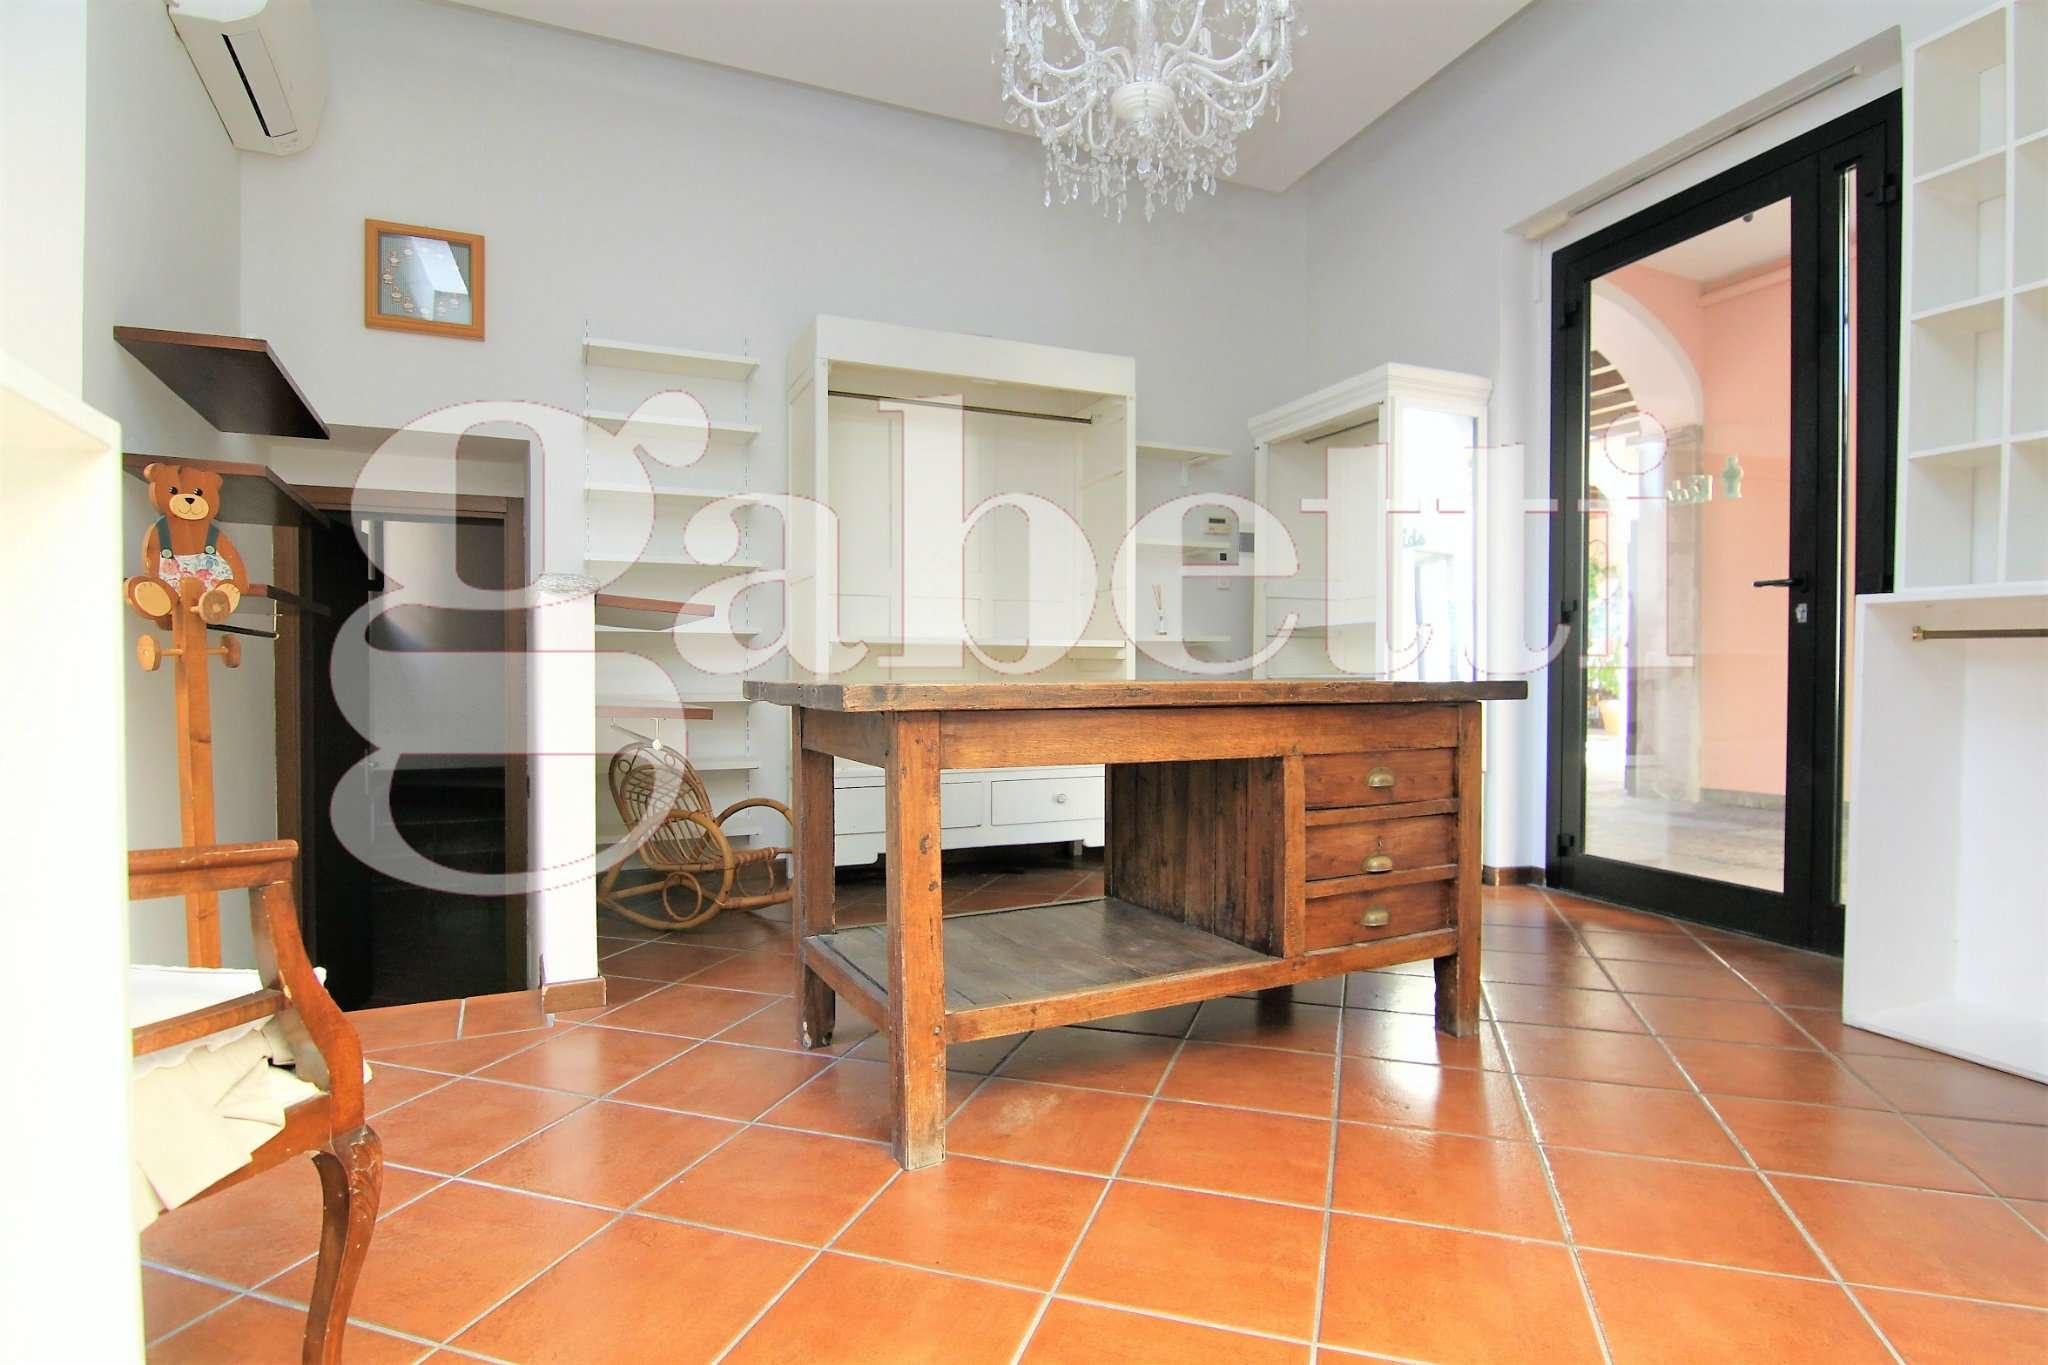 Negozio / Locale in affitto a Busto Arsizio, 1 locali, prezzo € 400 | CambioCasa.it